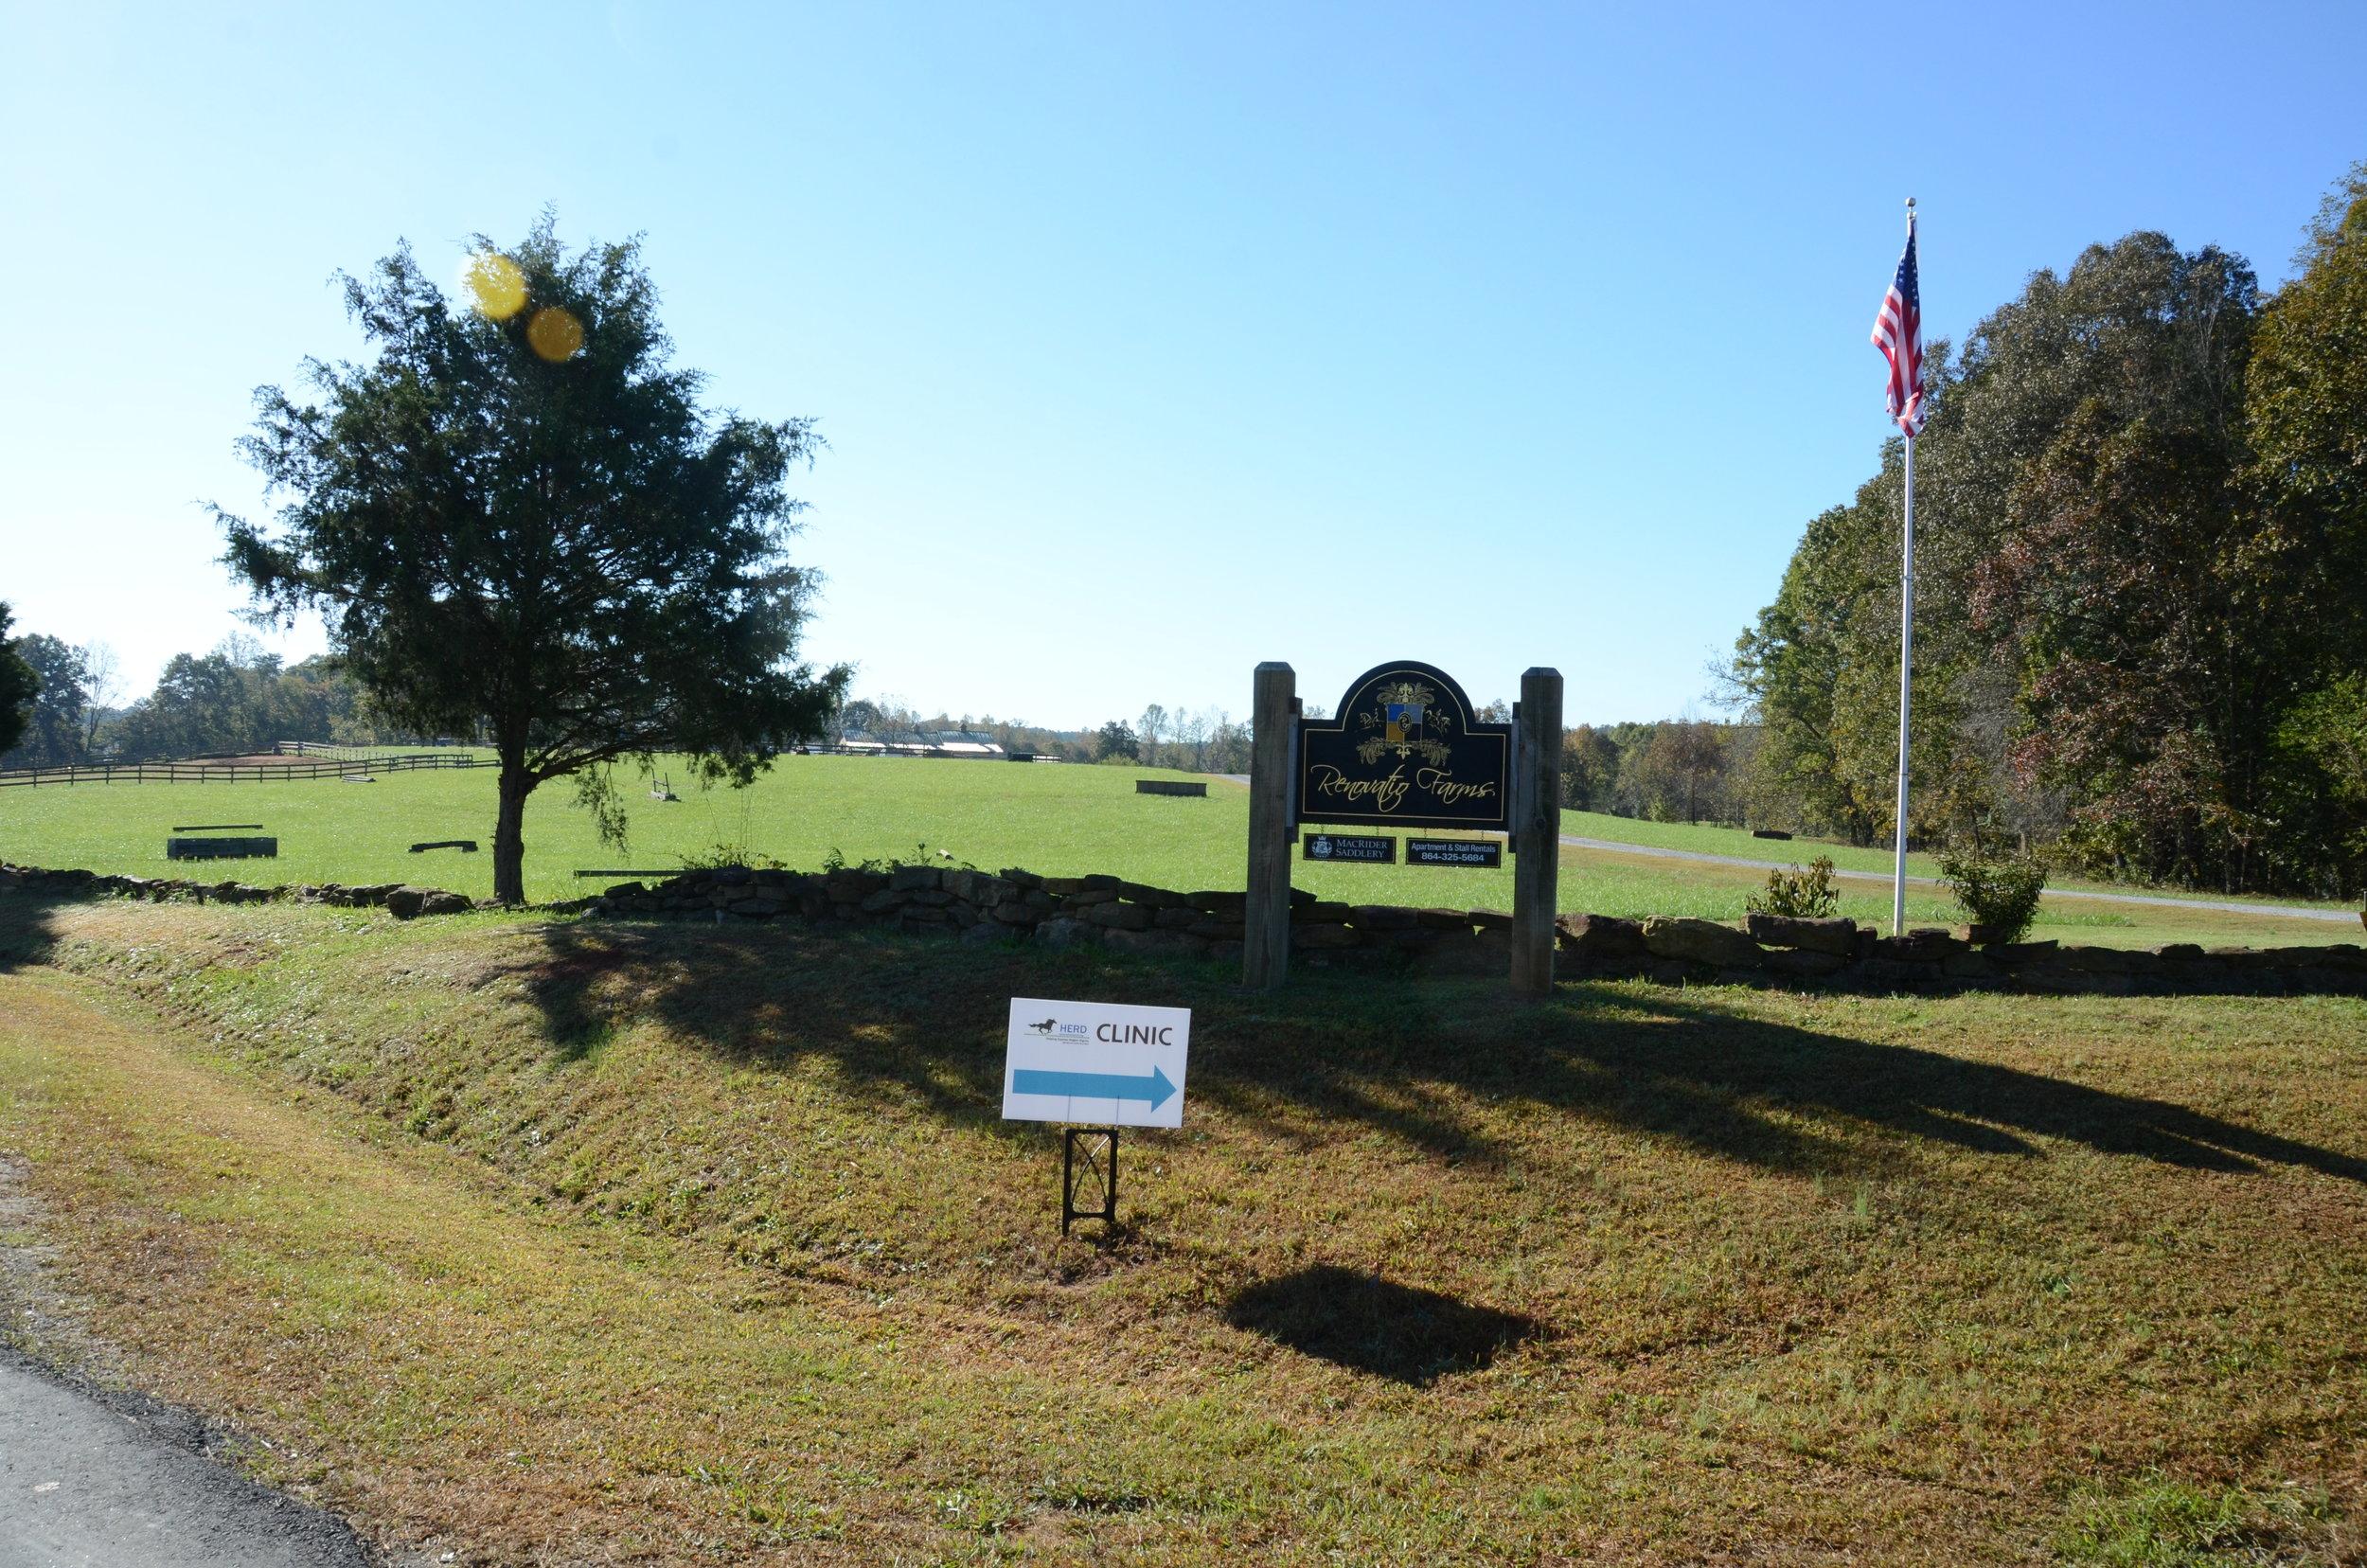 Renovatio Farms,1820 John Shehan Road Tryon, NC (703) 297-2329  R